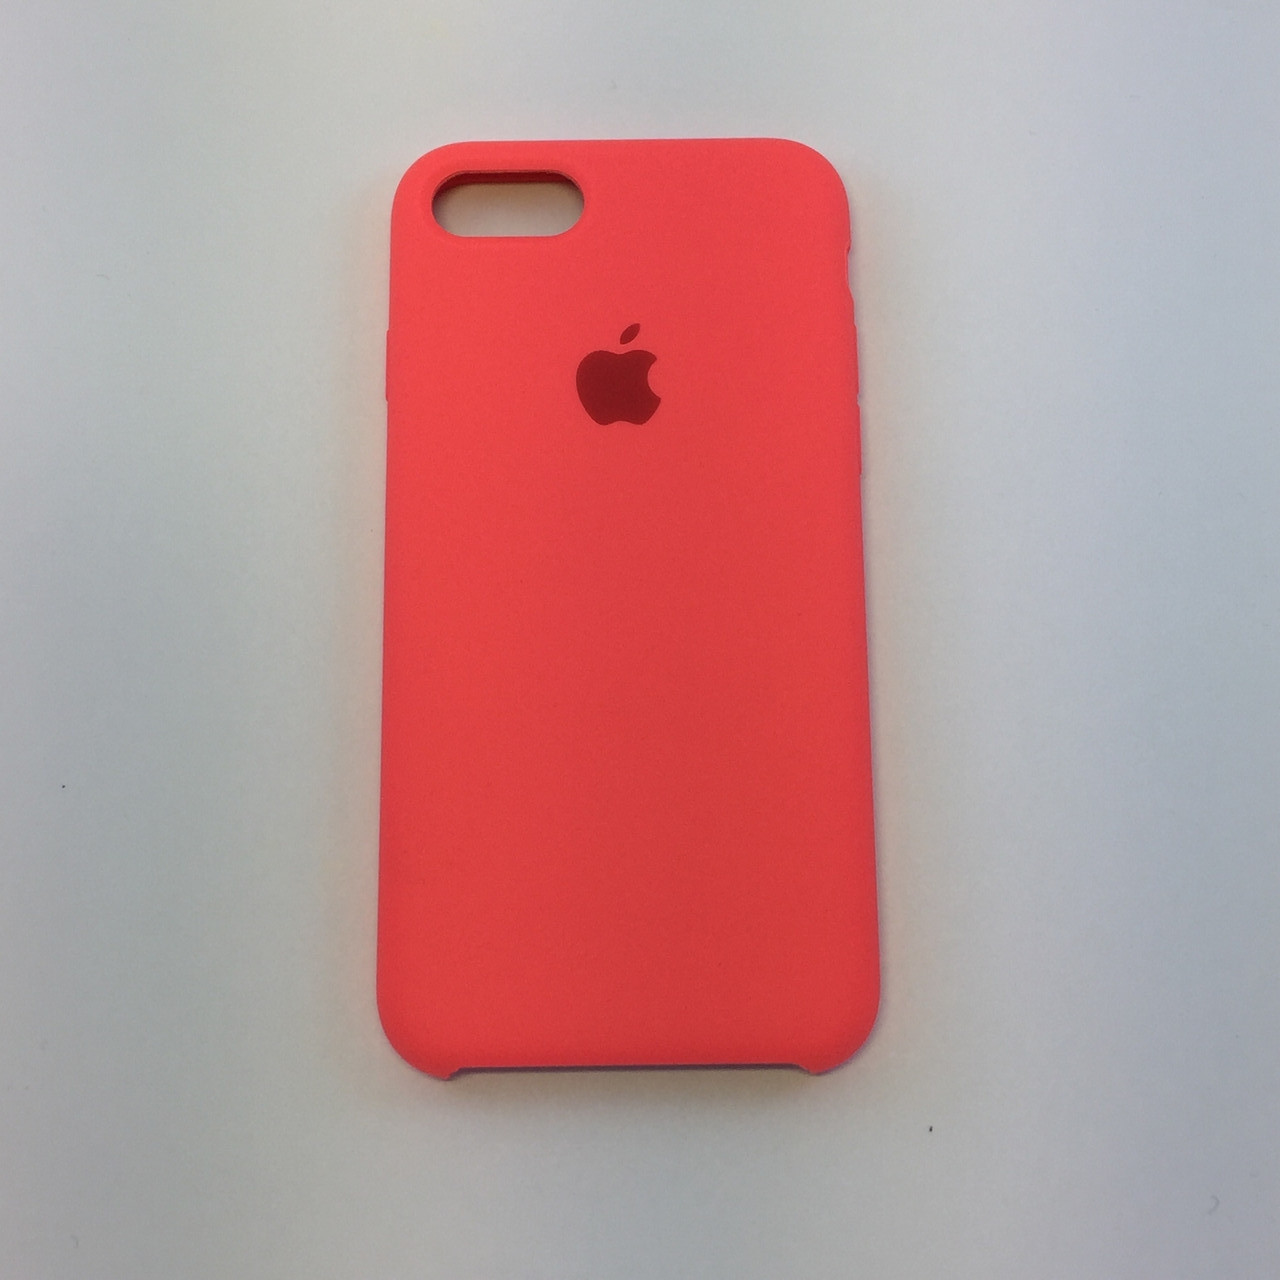 Силиконовый чехол для iPhone 7, - «кораловый» - copy original